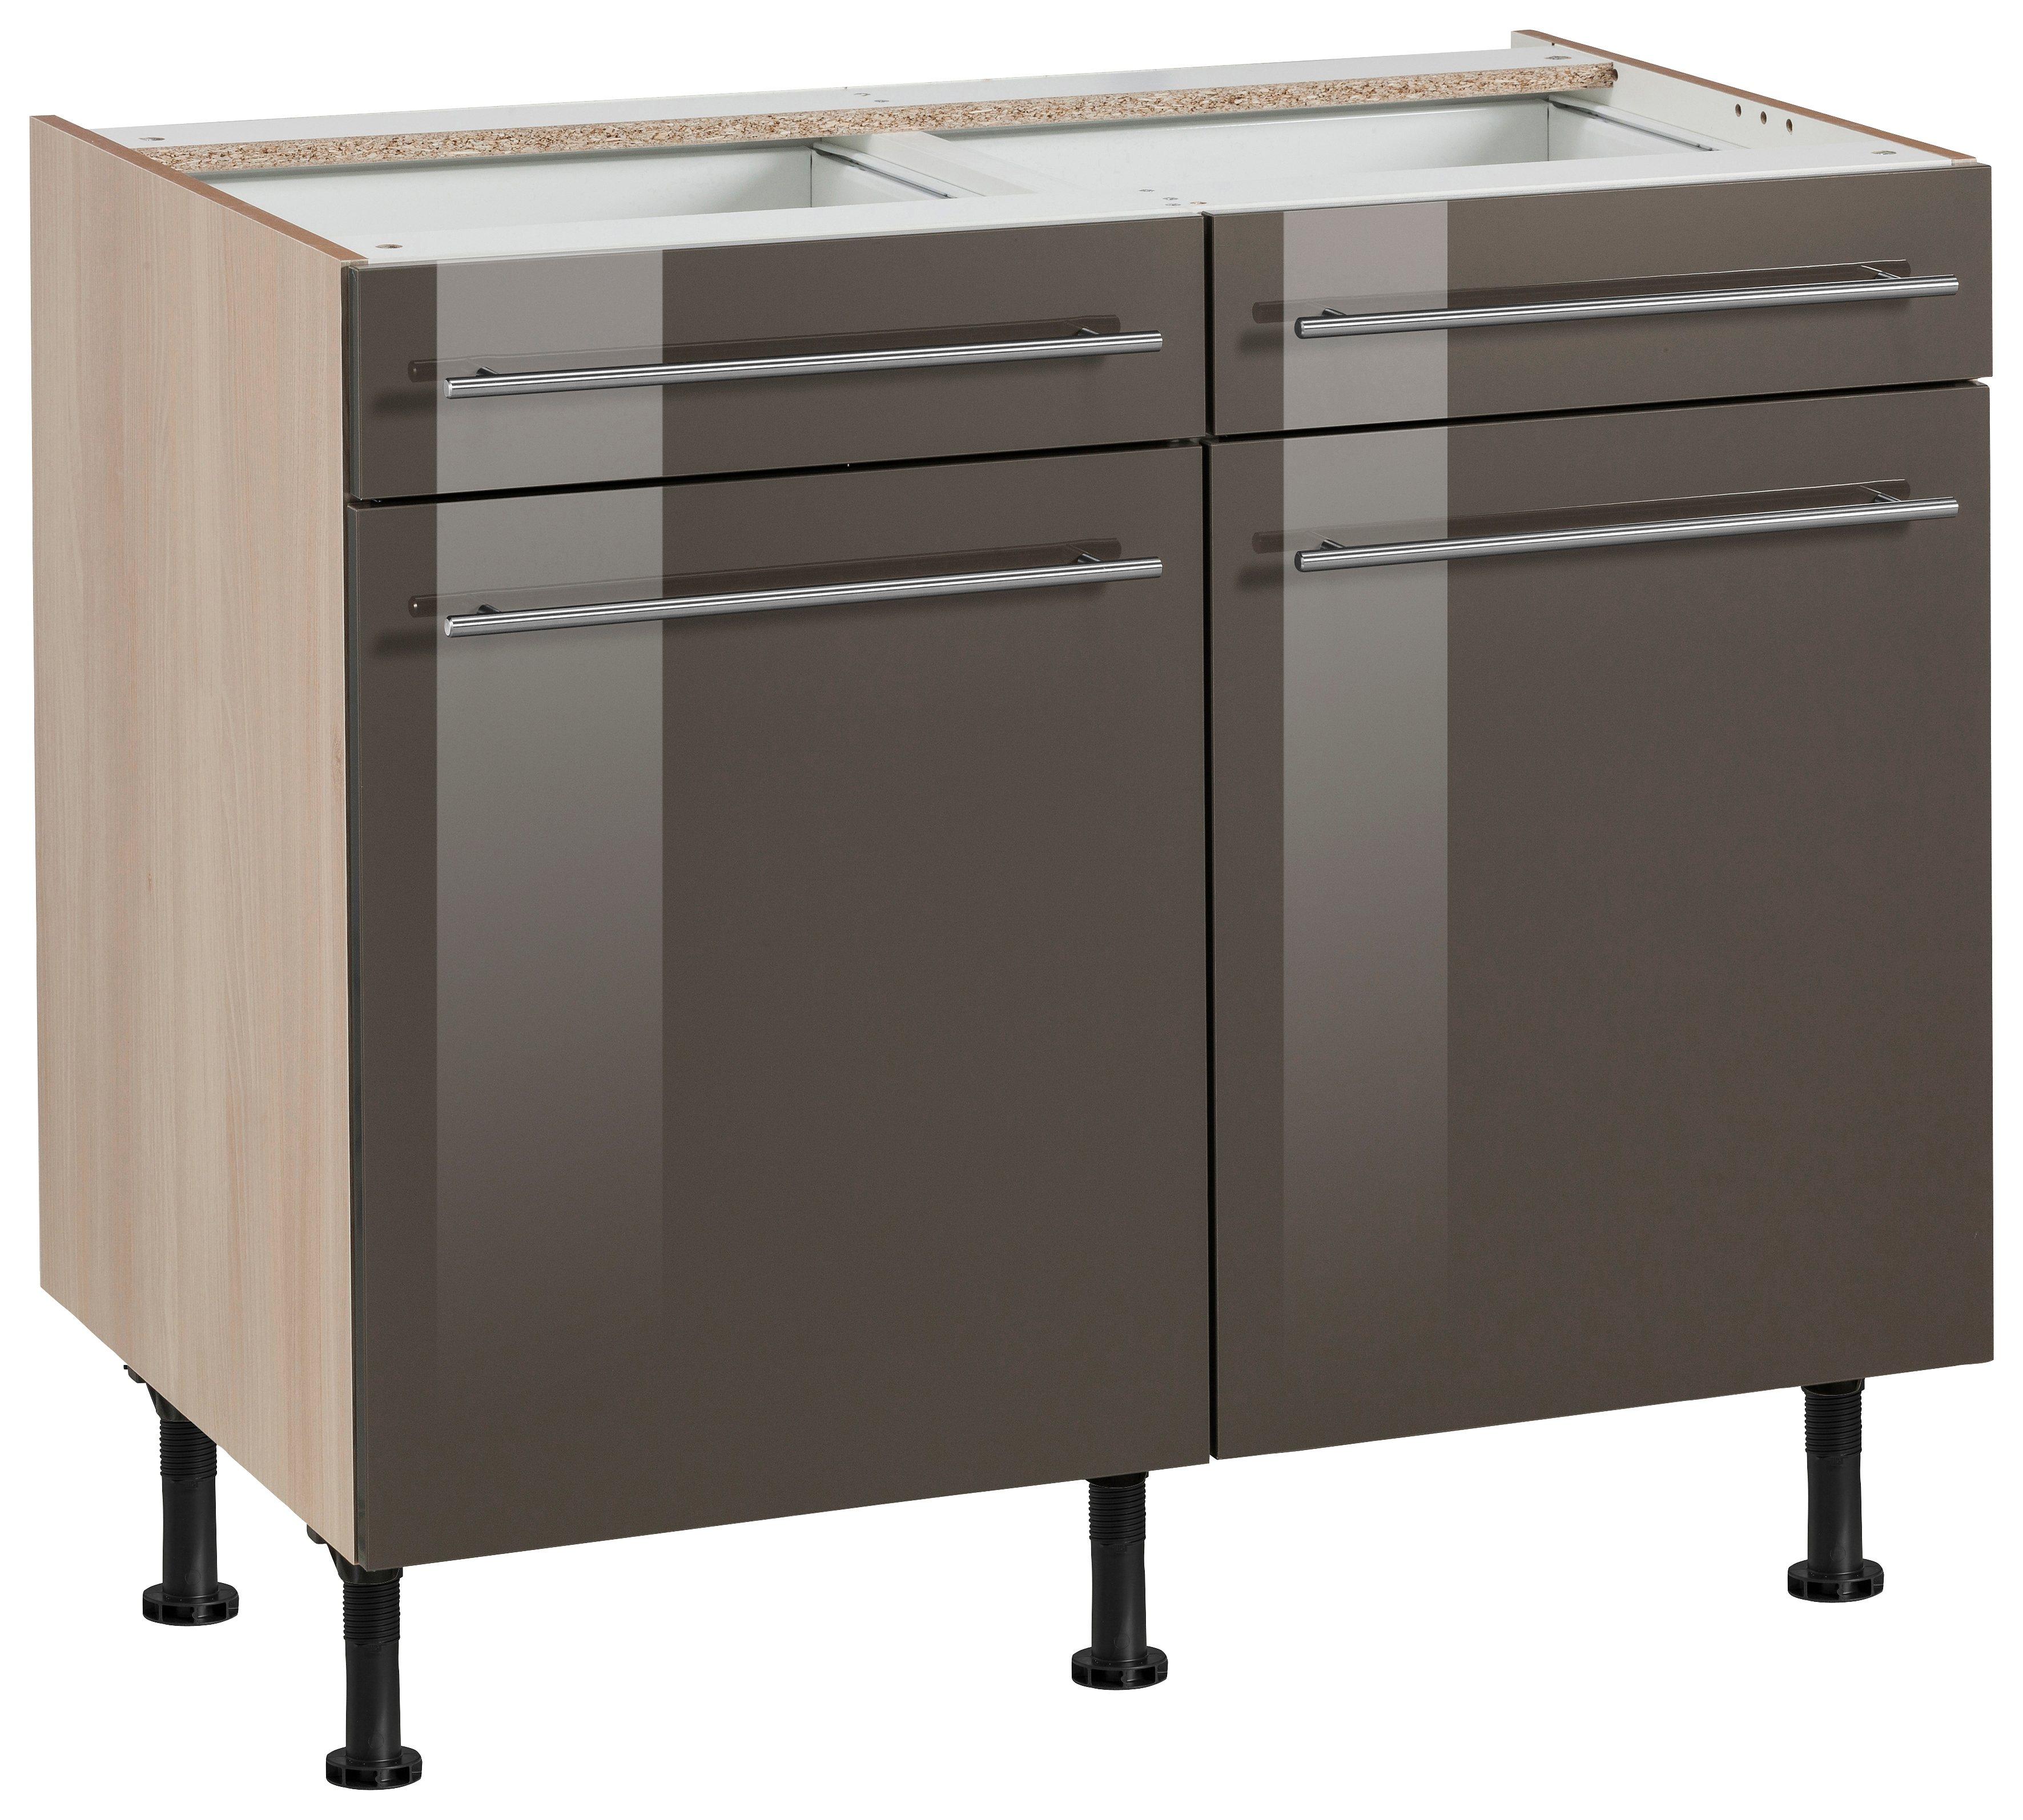 hochglanz-lack Küchen-Unterschränke online kaufen | Möbel ...